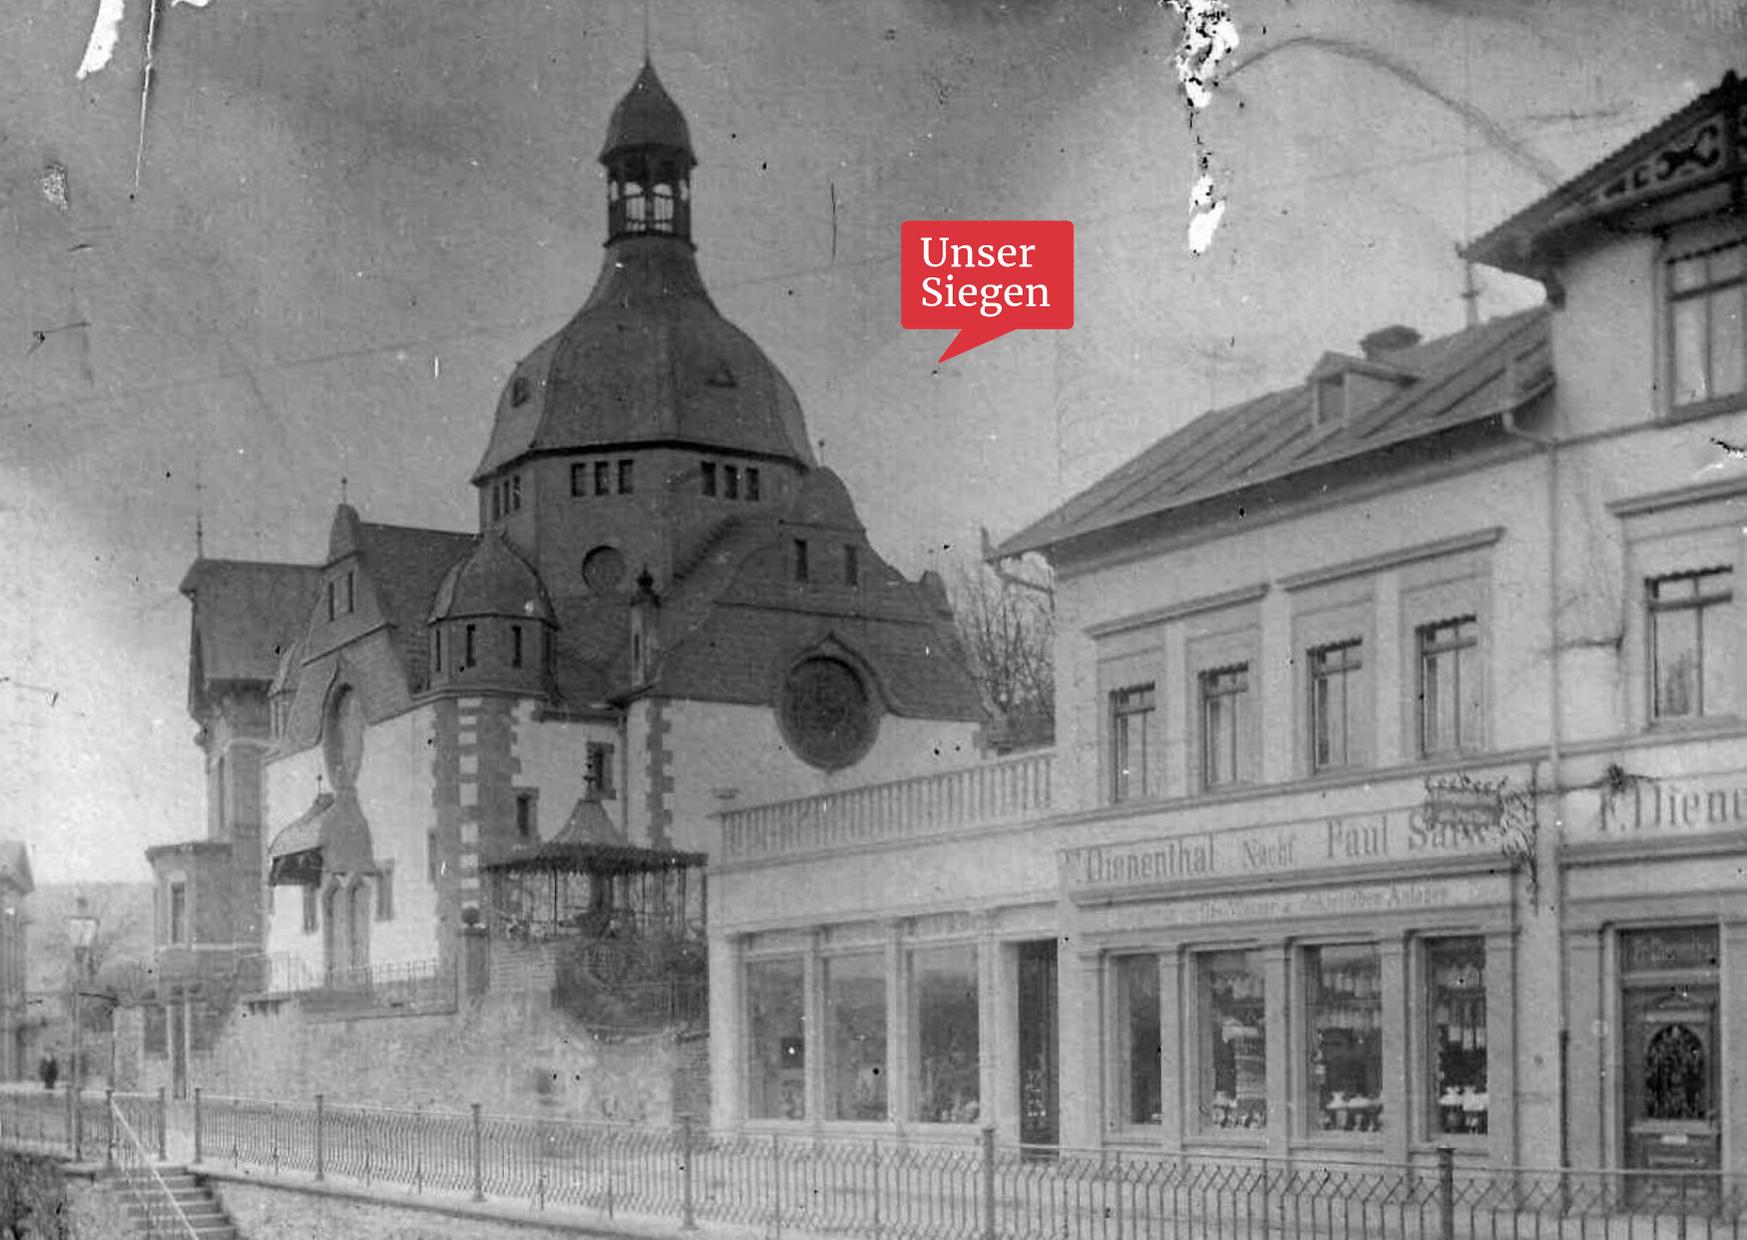 Die Synagoge am Obergraben in Siegen, alte Fotoaufnahme um 1905. Mit freundlicher Genehmigung des Stadtarchivs Siegen, Bestand 704, Fo 1856.